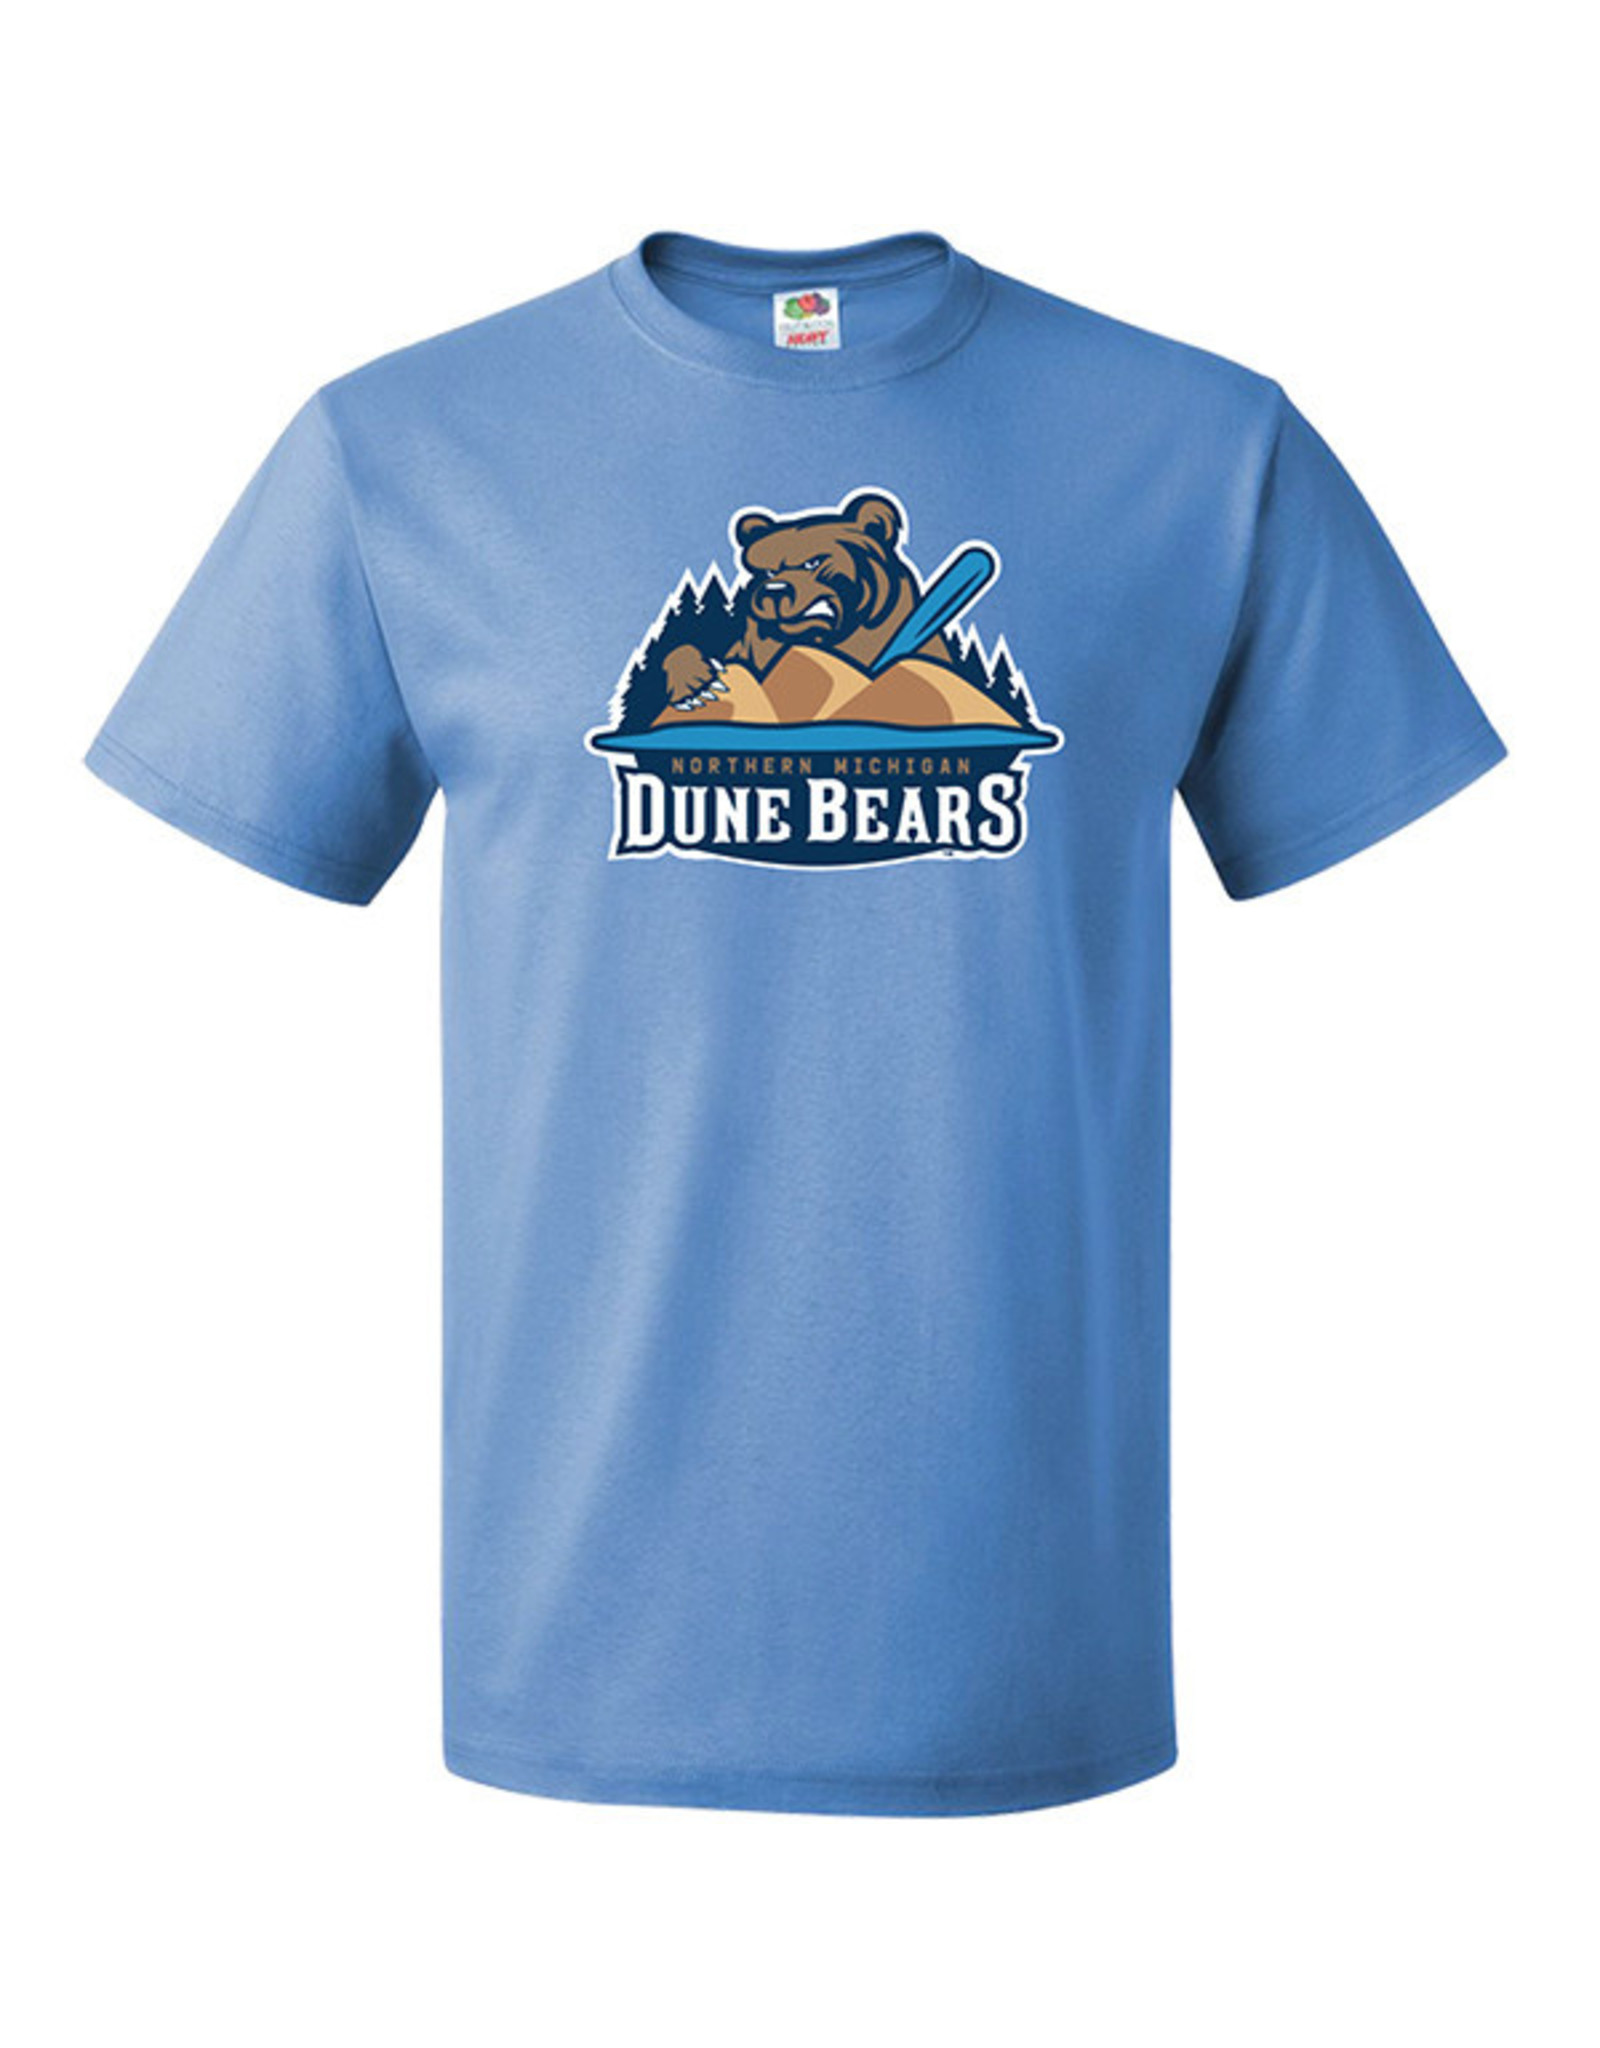 2531 Dune Bears Columbia Blue Tee